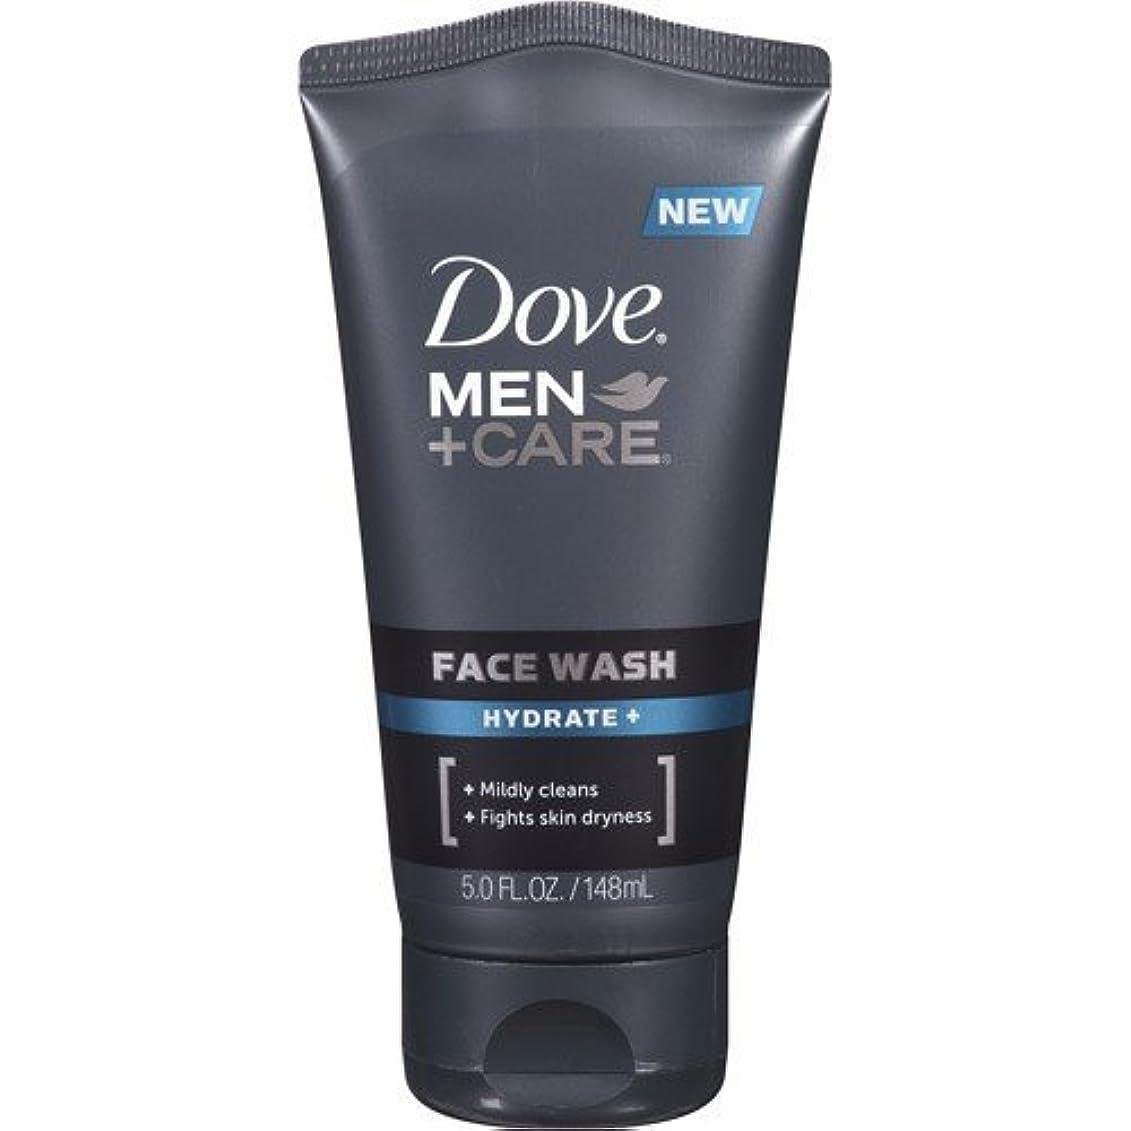 技術的なファランクスどっちでもDove Men + Care Face Wash, Hydrate, 5 Oz by Dove